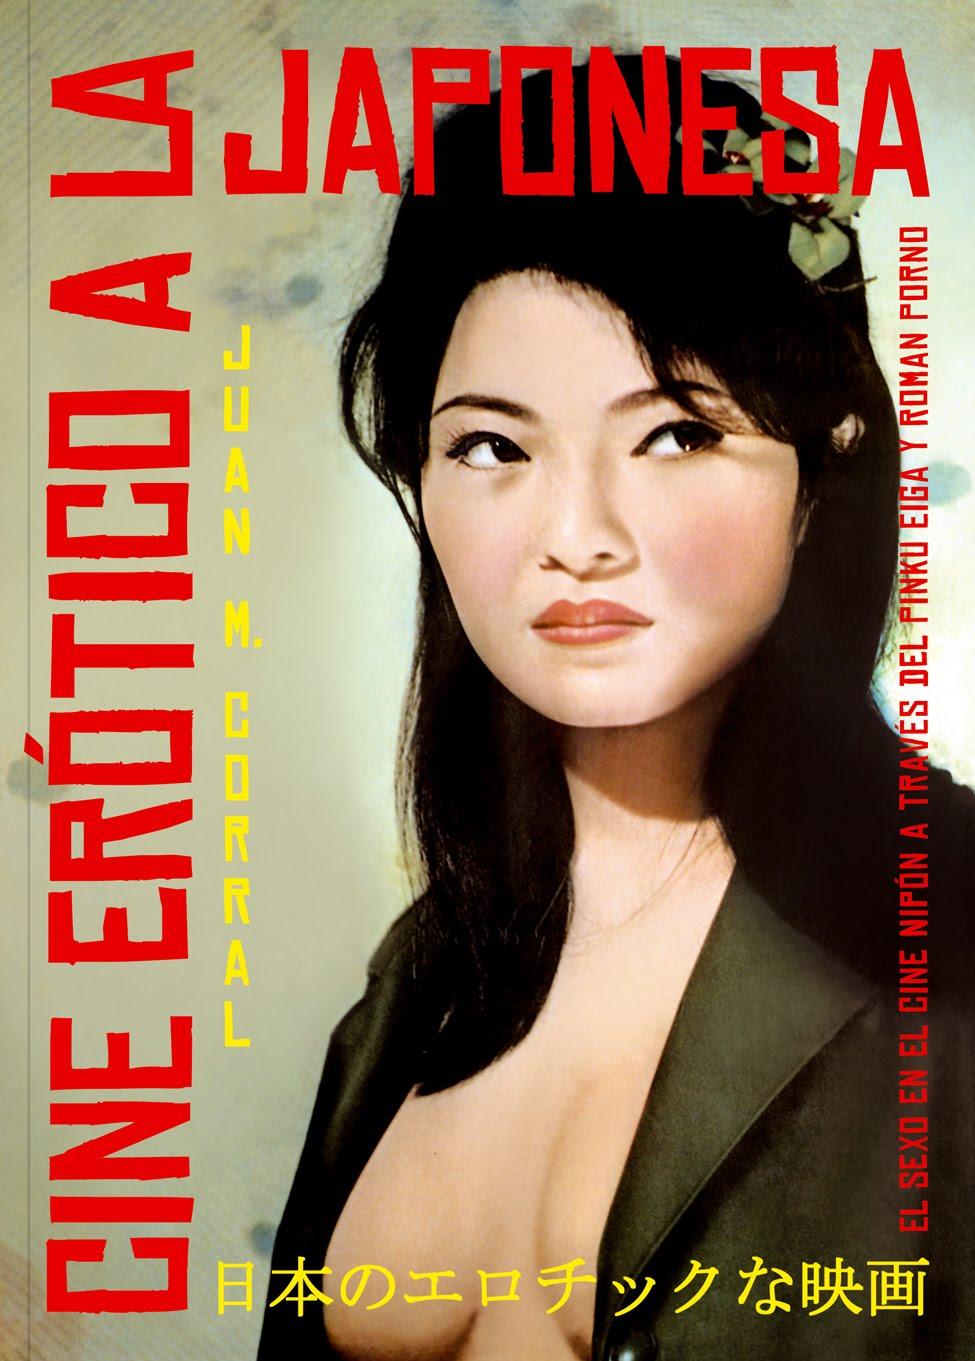 EL CINE ERÓTICO A LA JAPONESA-Juan M. Corral- T&B Editores